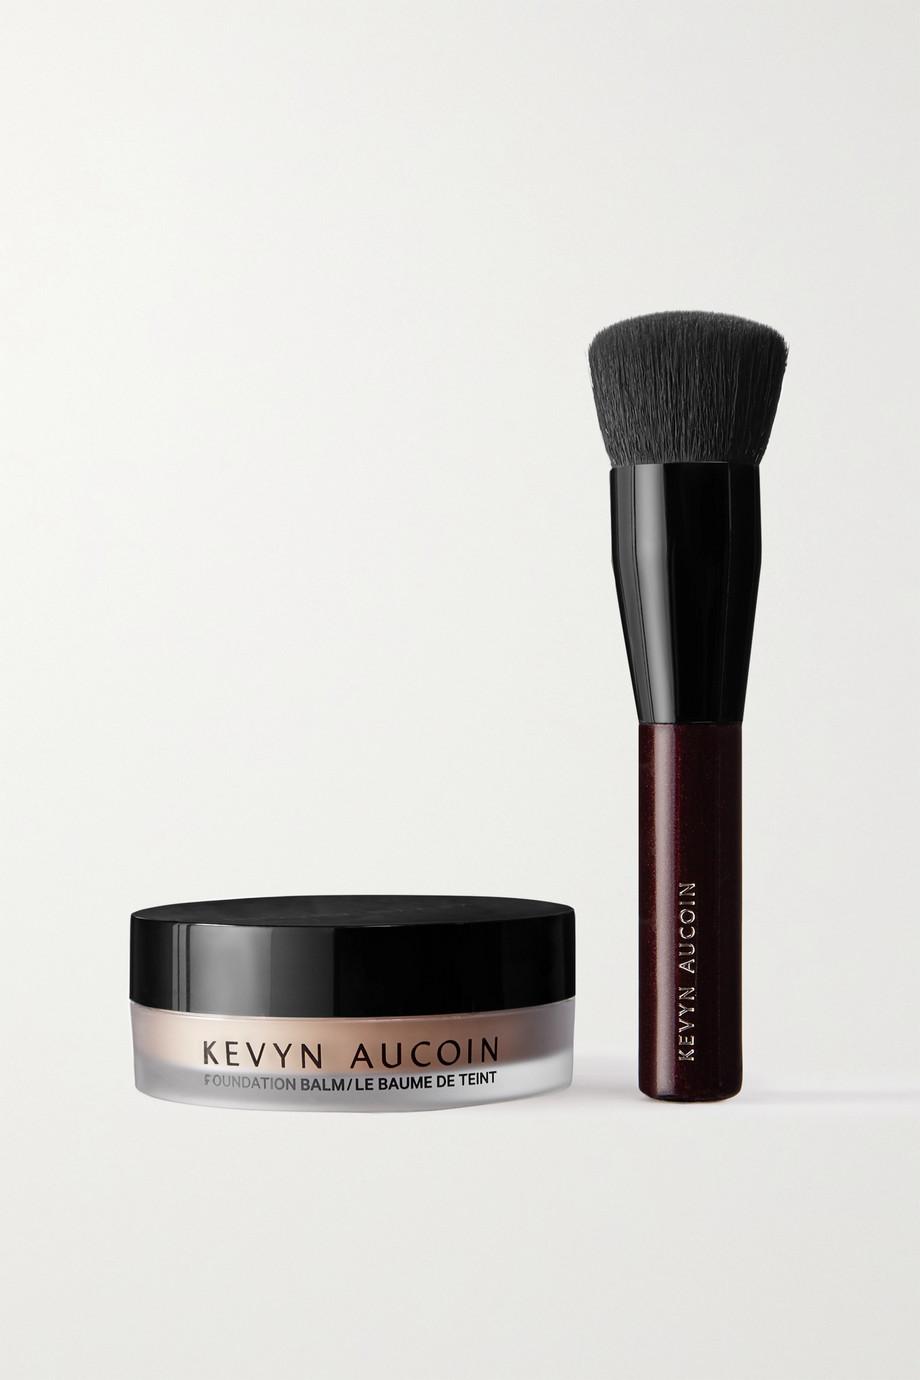 Kevyn Aucoin Foundation Balm - Medium FB 06, 22.3g